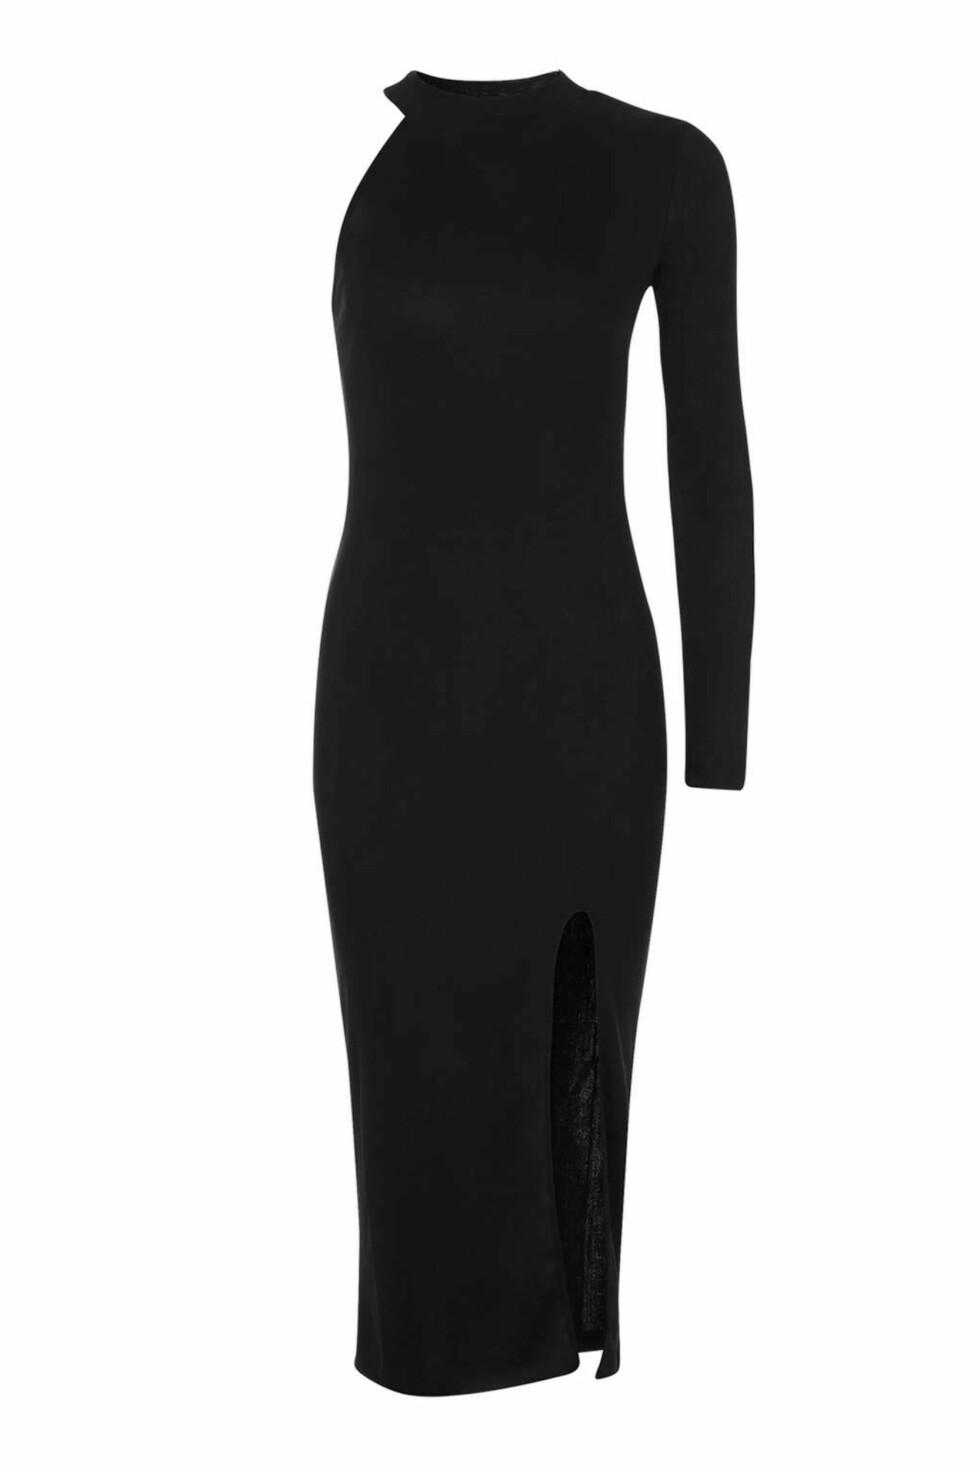 <strong>Kjole fra Topshop   kr 338   http:</strong>//www.topshop.com/en/tsuk/product/clothing-427/dresses-442/one-shoulder-ribbed-midi-dress-5881067?bi=220&ps=20